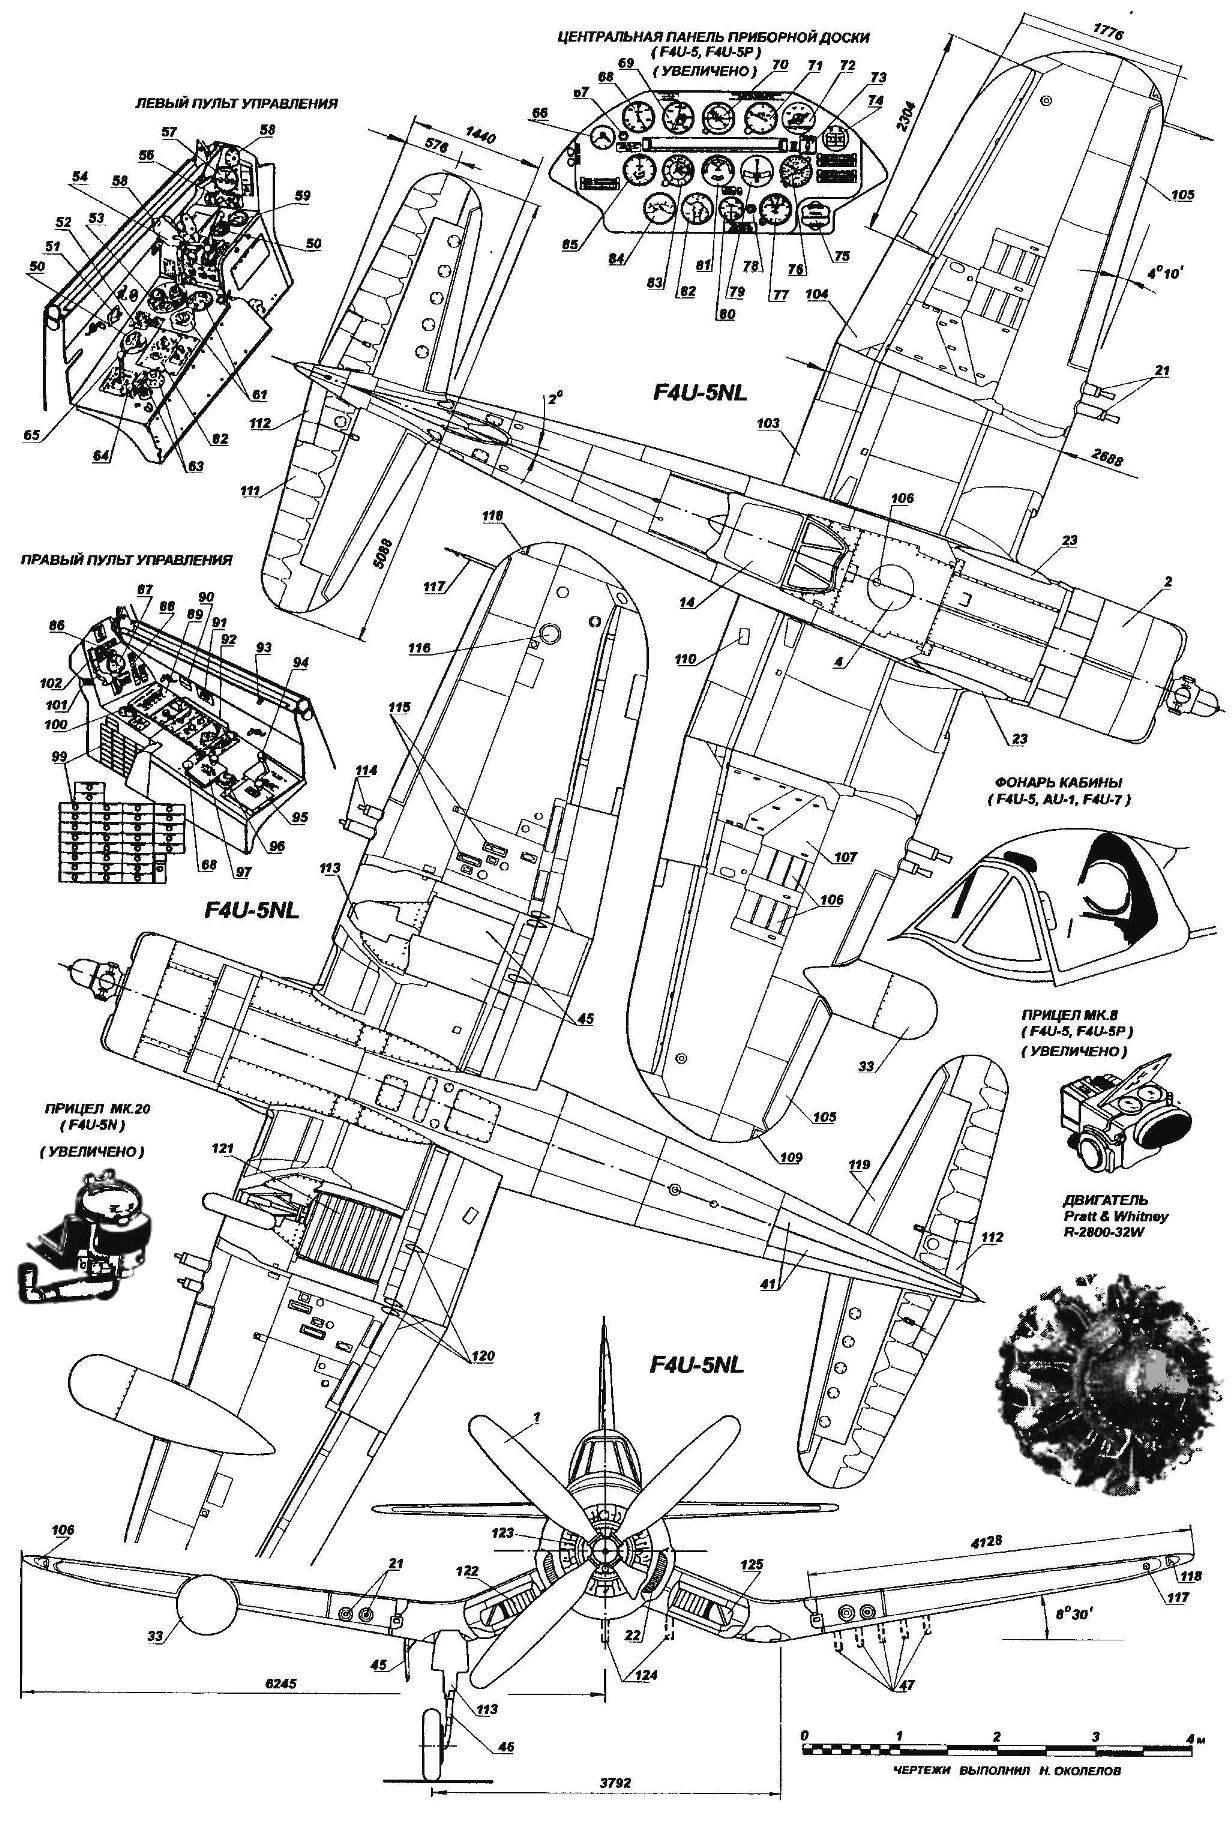 Палубный истребитель F4U CORSAIR